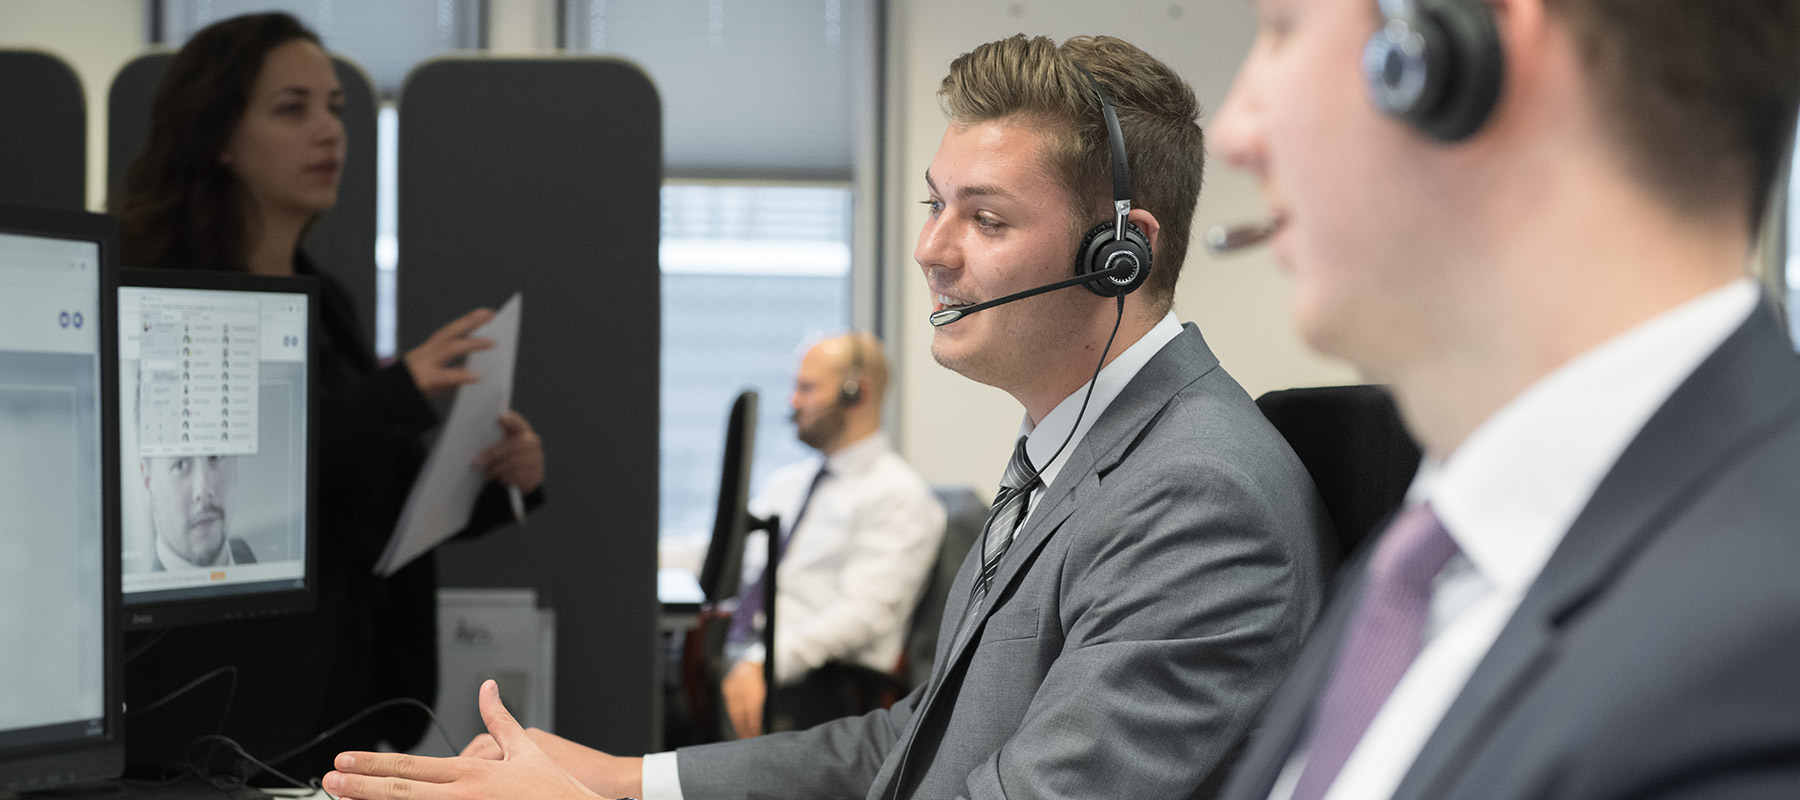 Sie sind auf der Suche nach einem neuen Job? Wir helfen Ihnen: PERM4 | Personalvermittlung für Kandidaten.